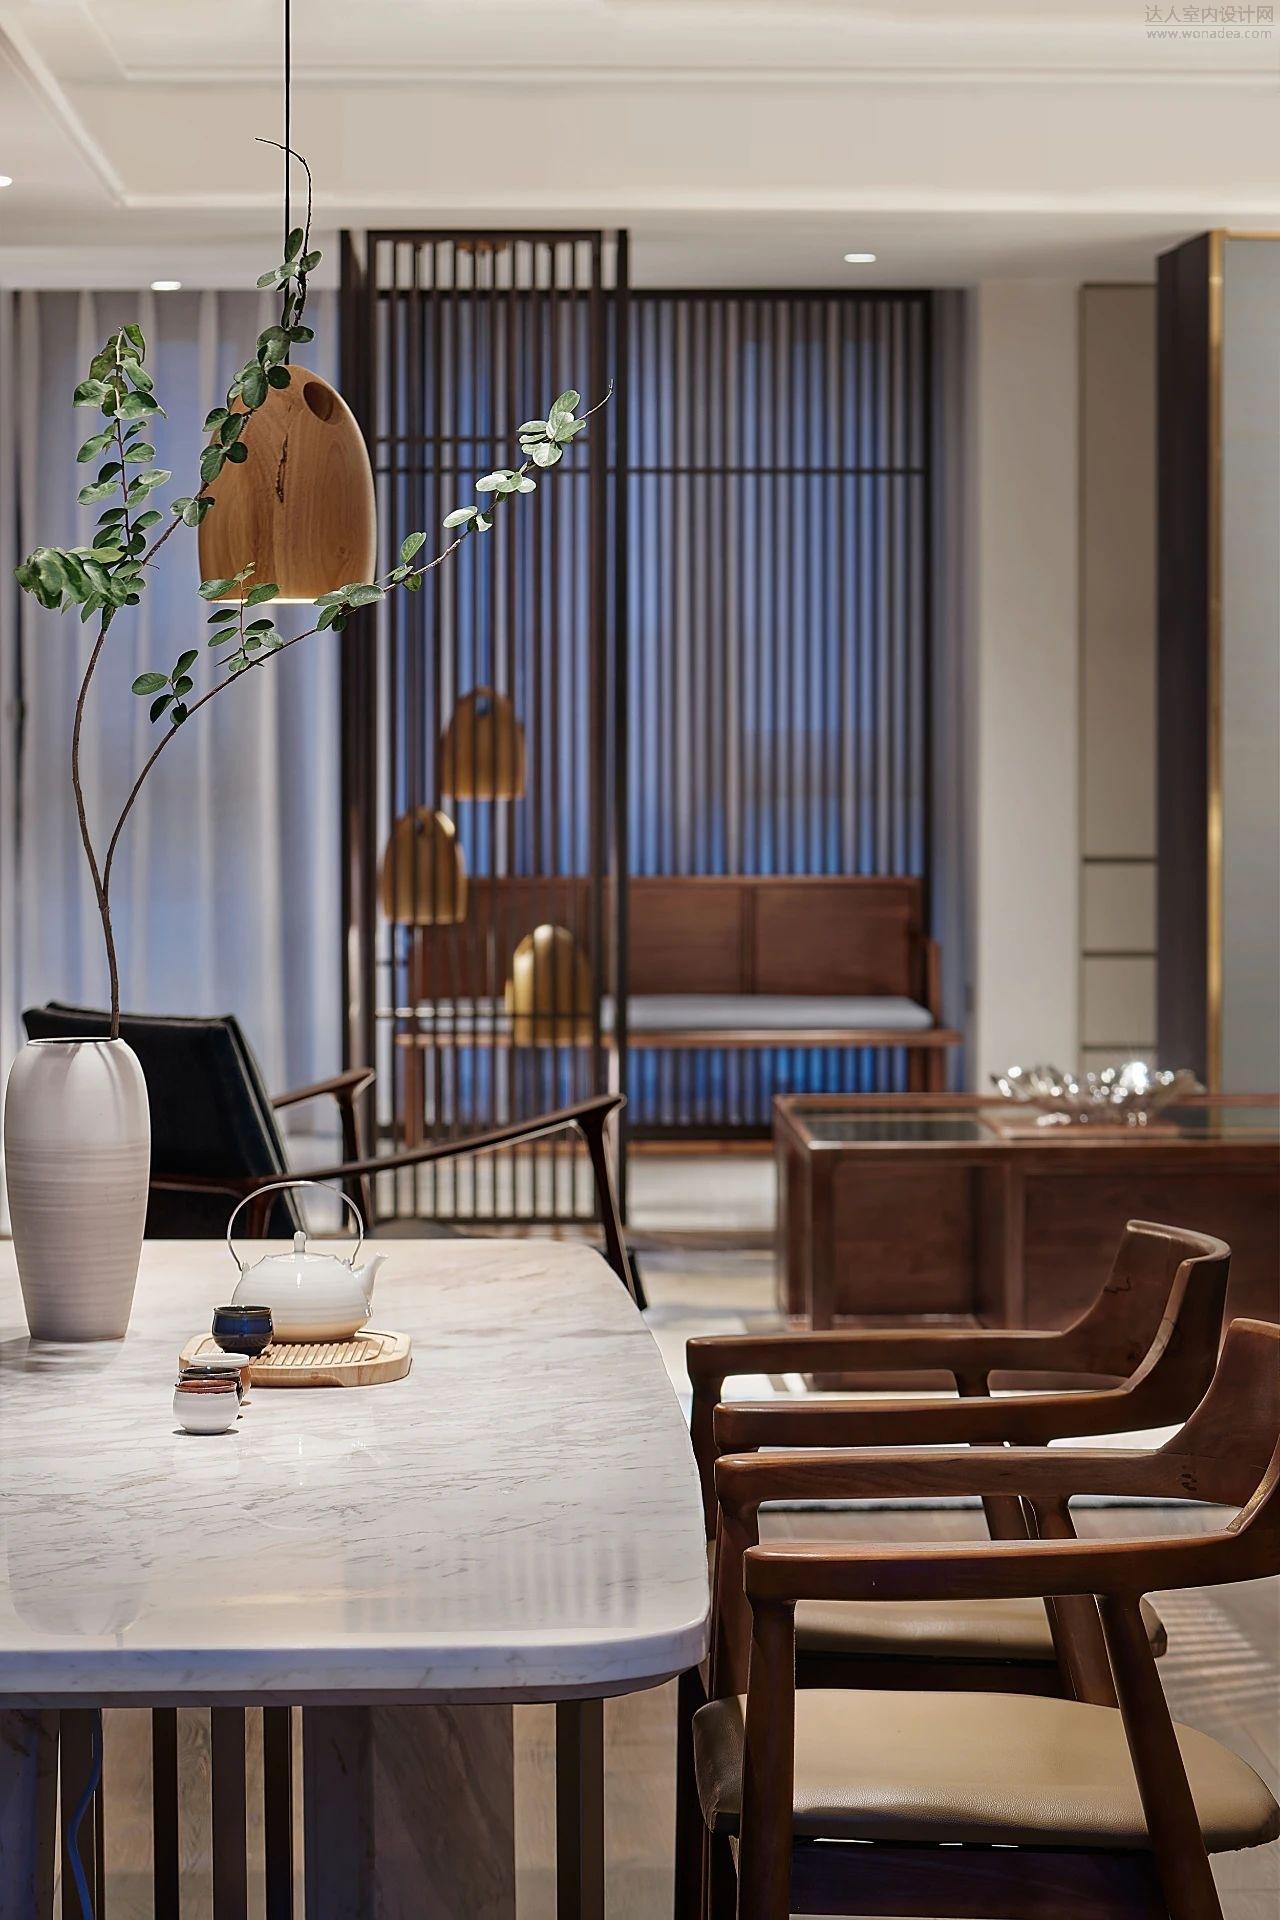 大成设计--酒店式复合住宅